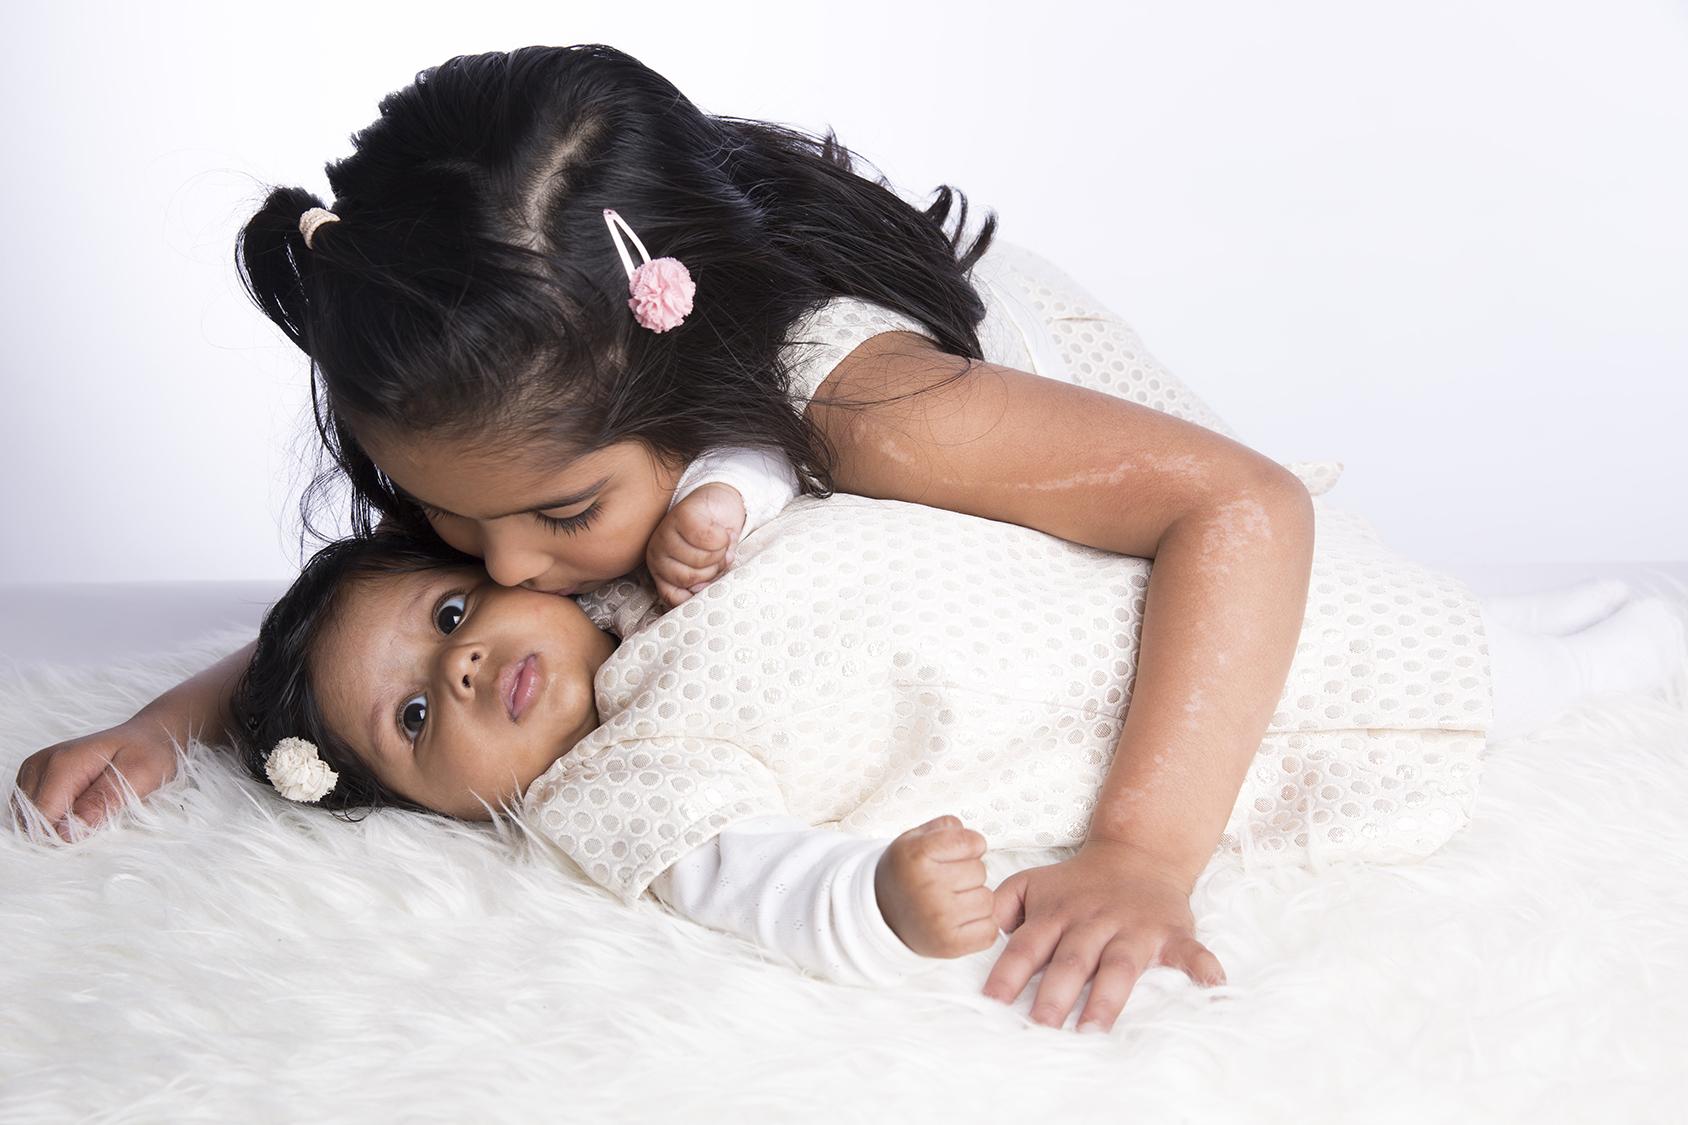 portret kids fotografie photoshoot vlaardingen